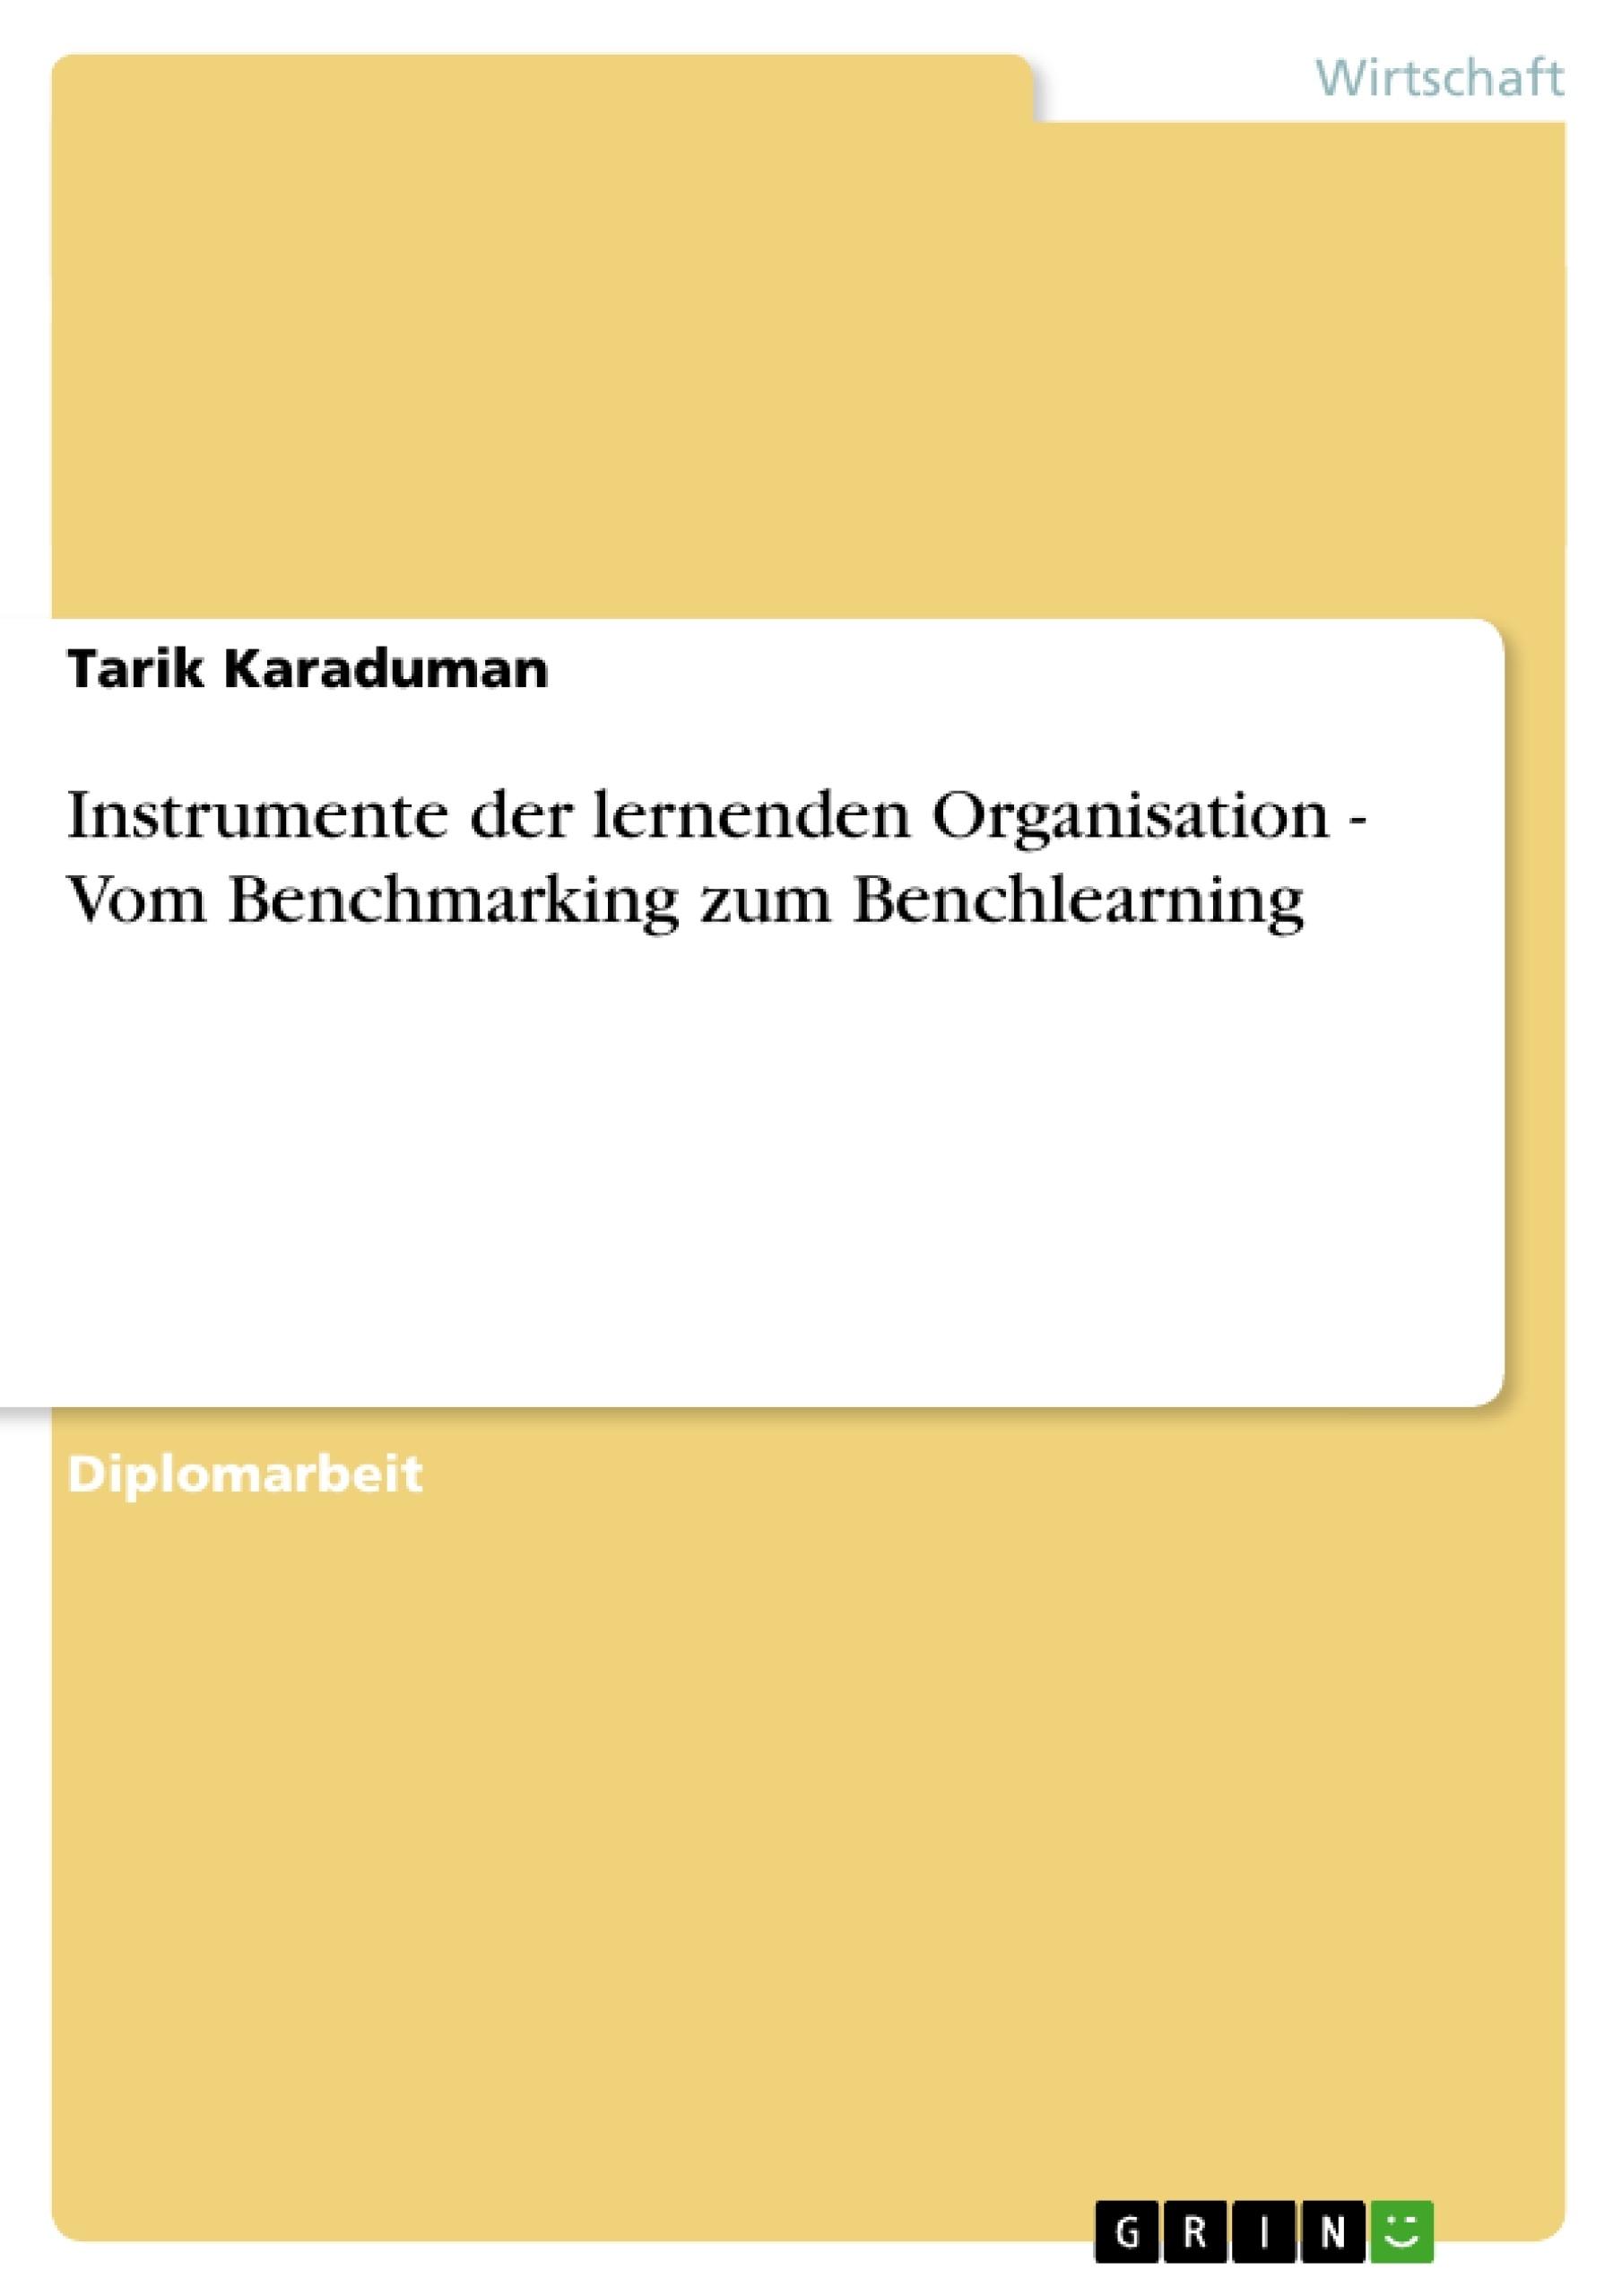 Titel: Instrumente der lernenden Organisation - Vom Benchmarking zum Benchlearning